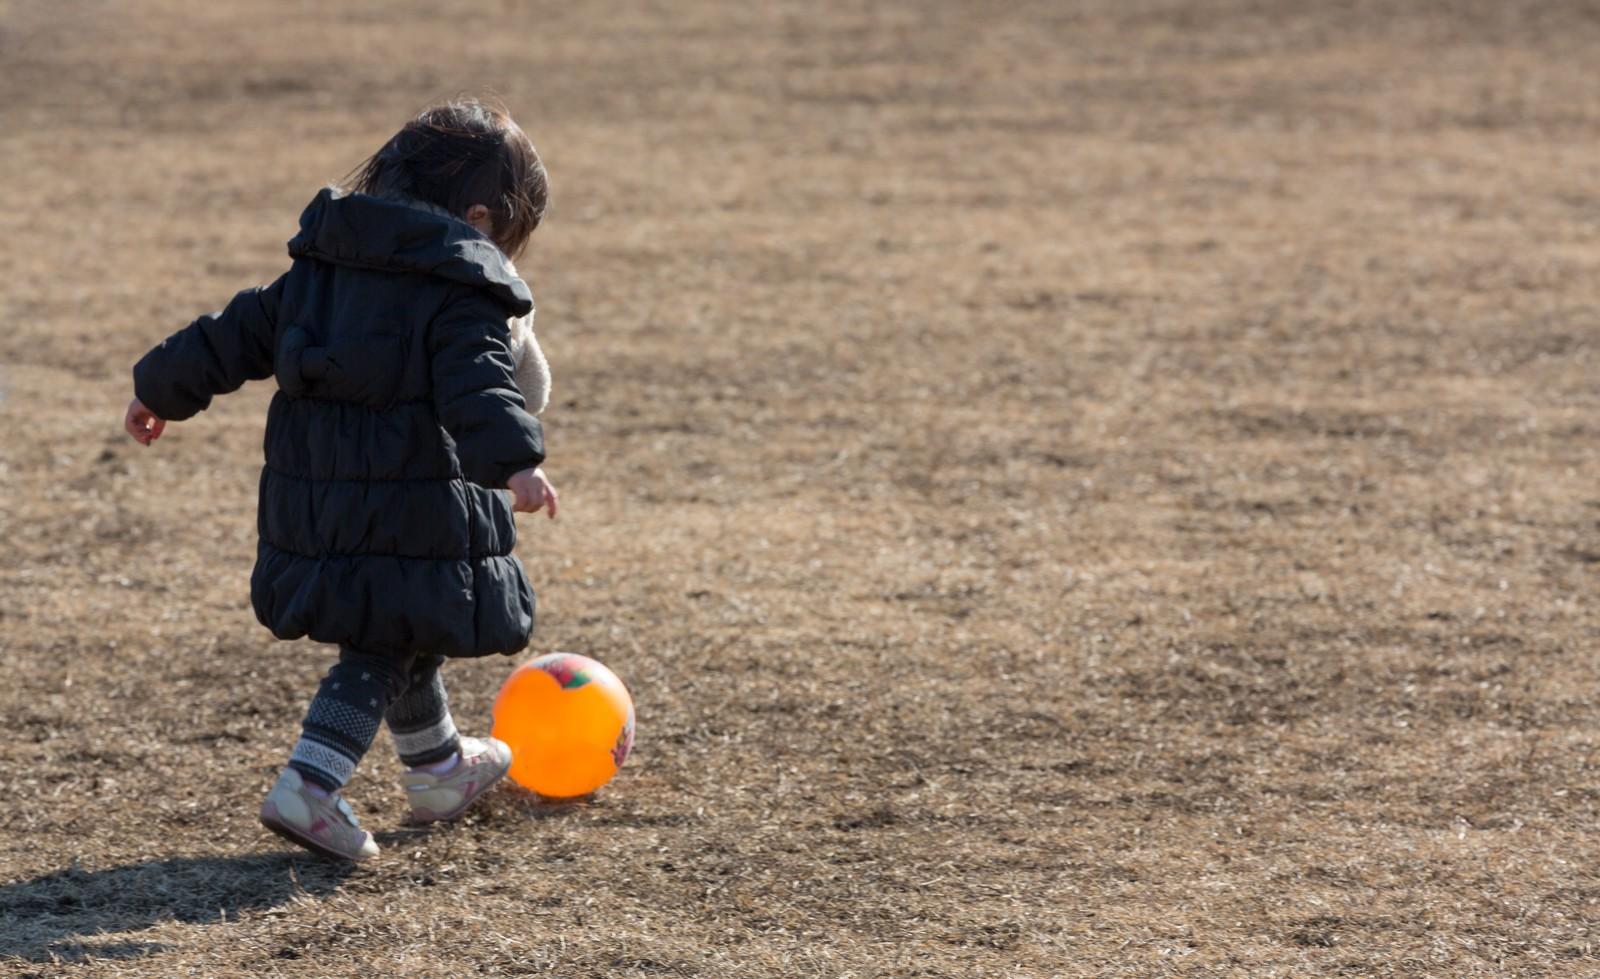 公園内で一人でボールを蹴っているちょっと寂しげな女の子の後ろ姿